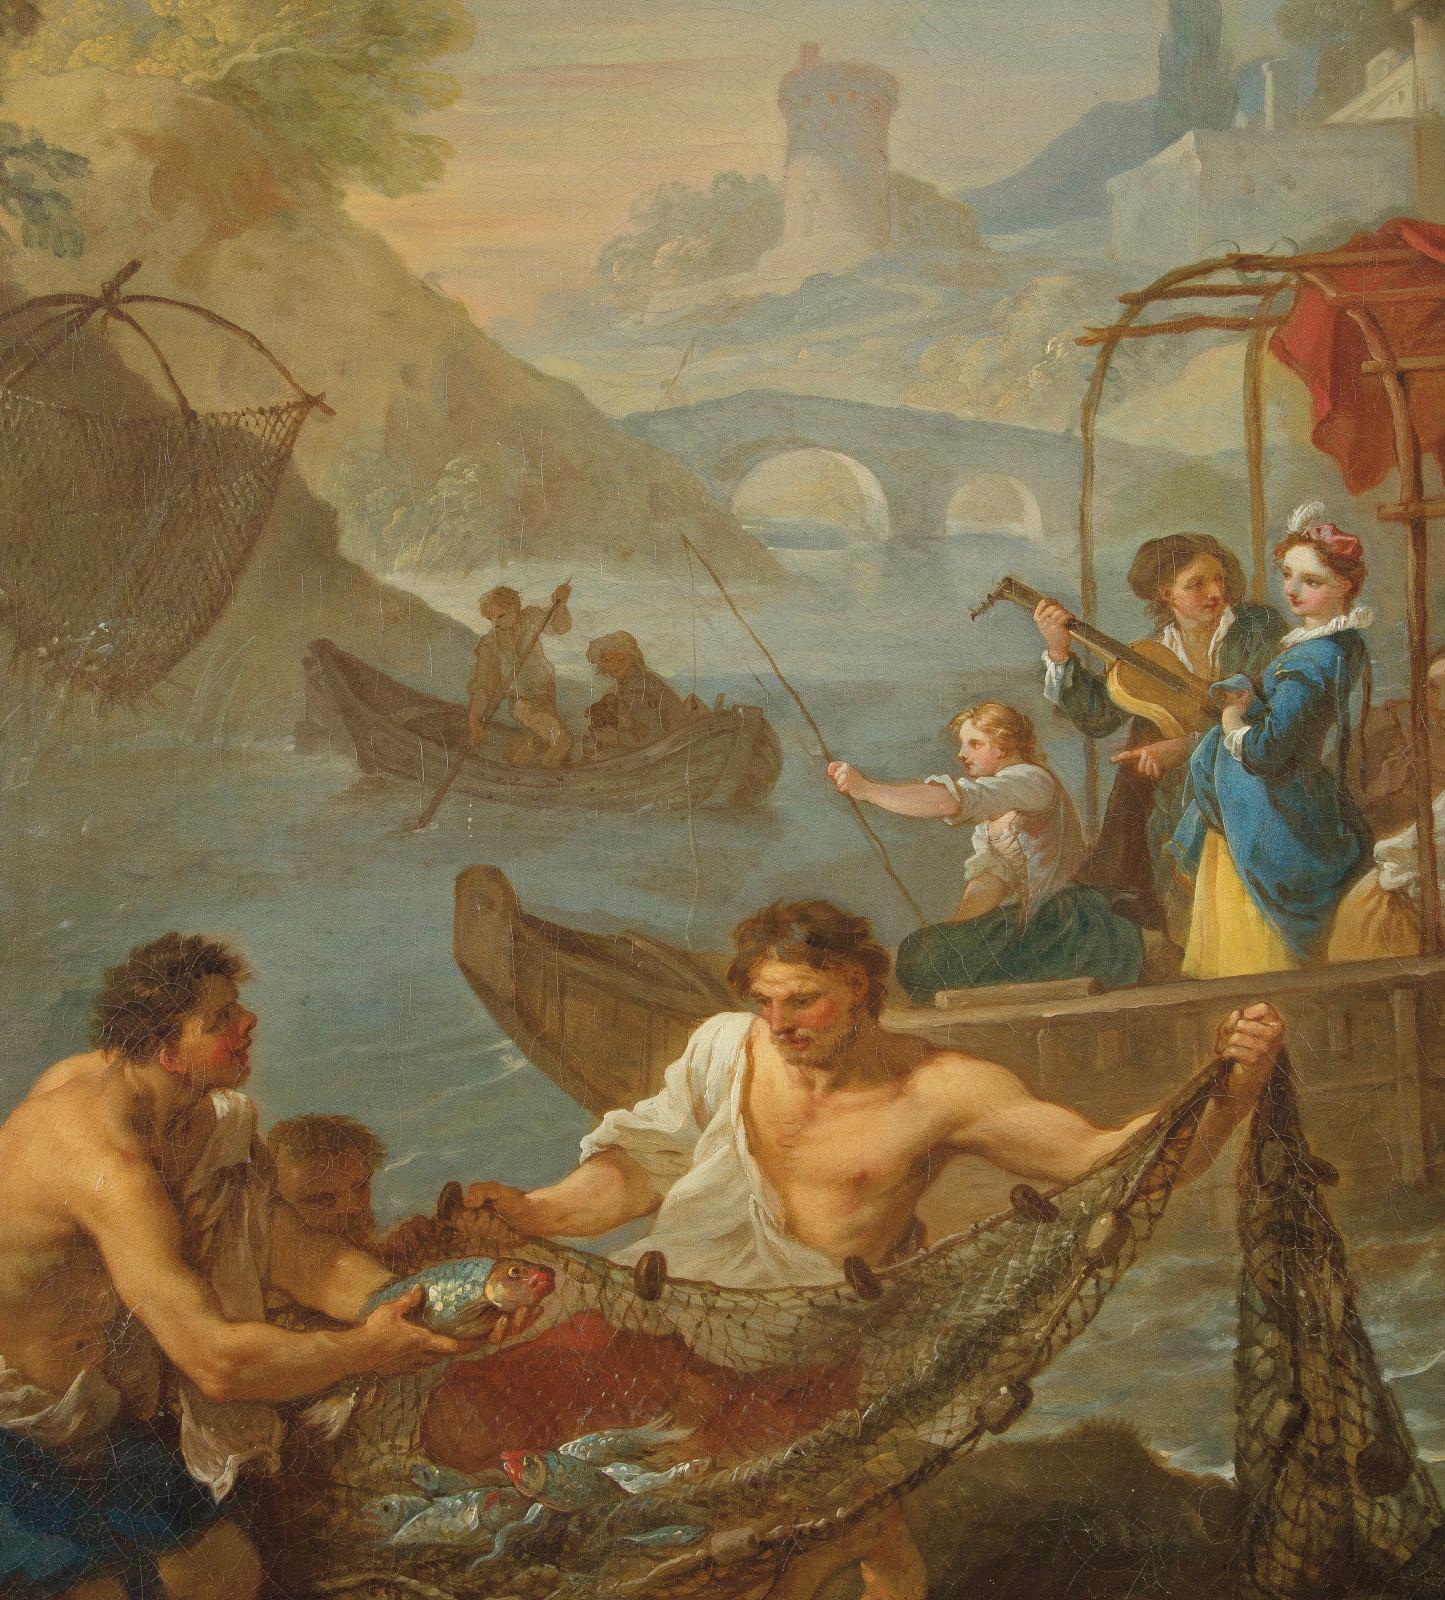 Charles-Joseph Natoire(1700-1777), La Pêche, huile sur toile anciennement circulaire, mise au cercle puis mise au rectangle, 89x94cm (détail). Est